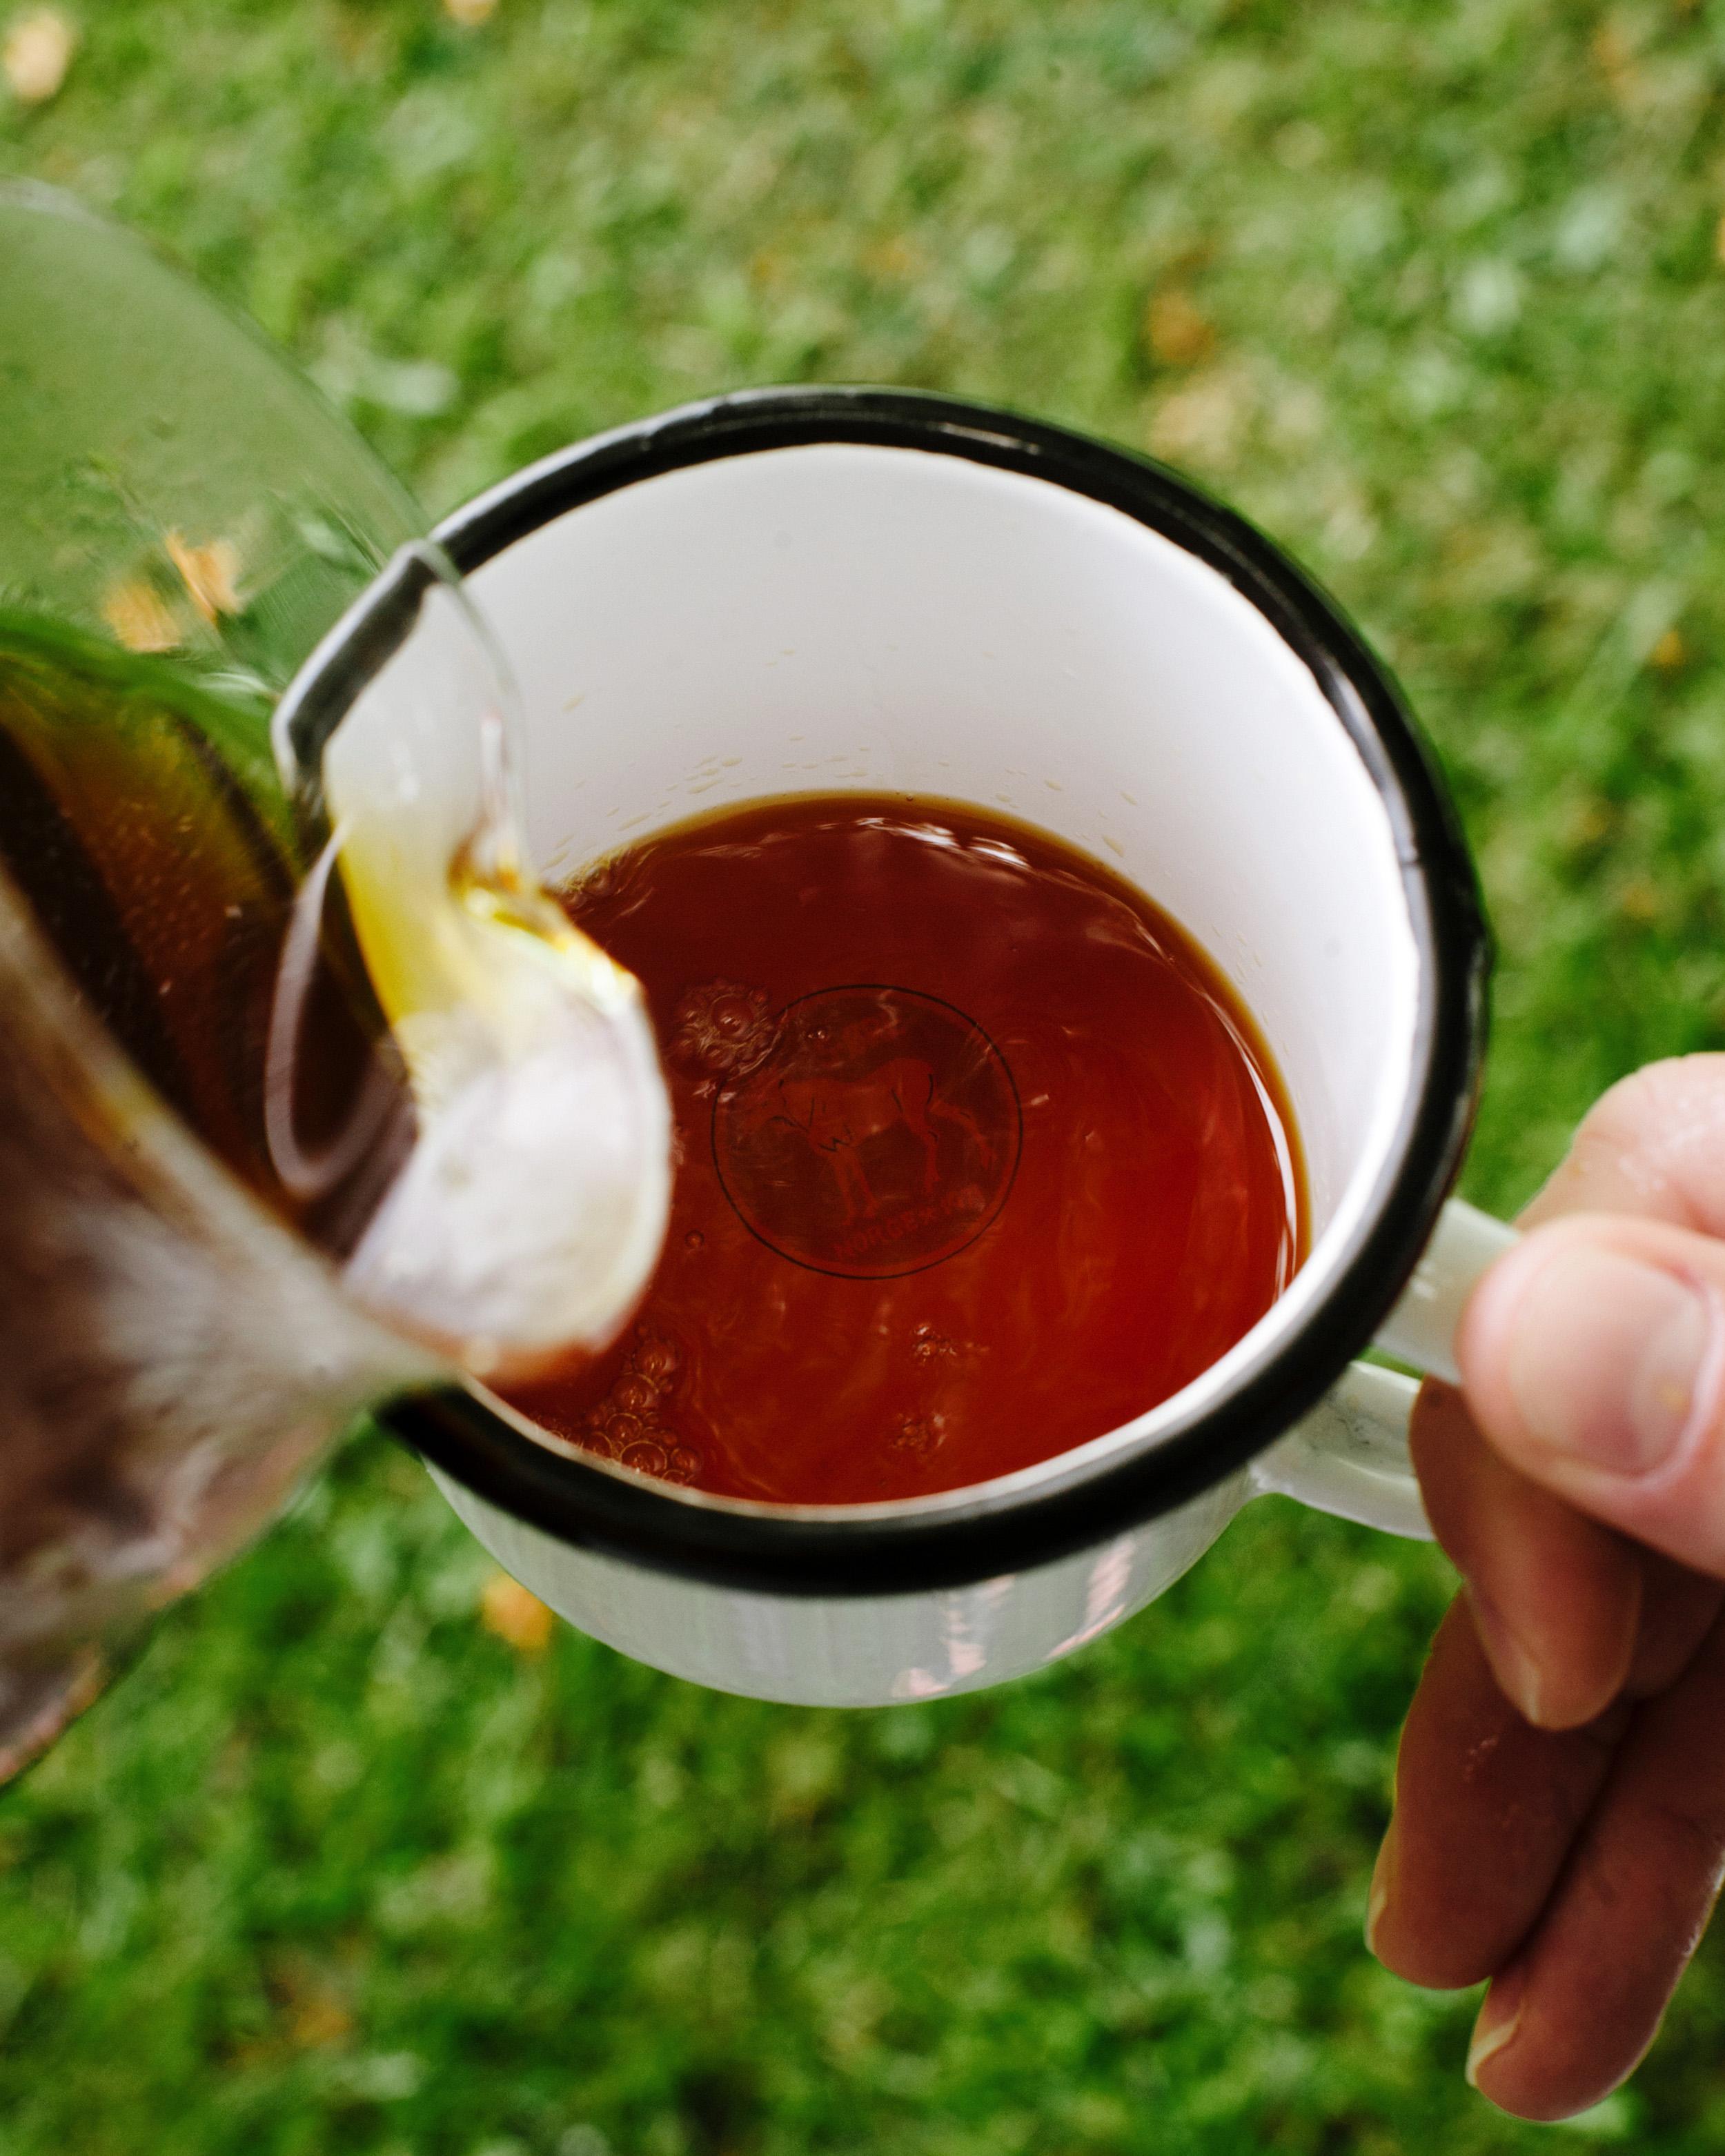 langora-mug-3-3.jpg